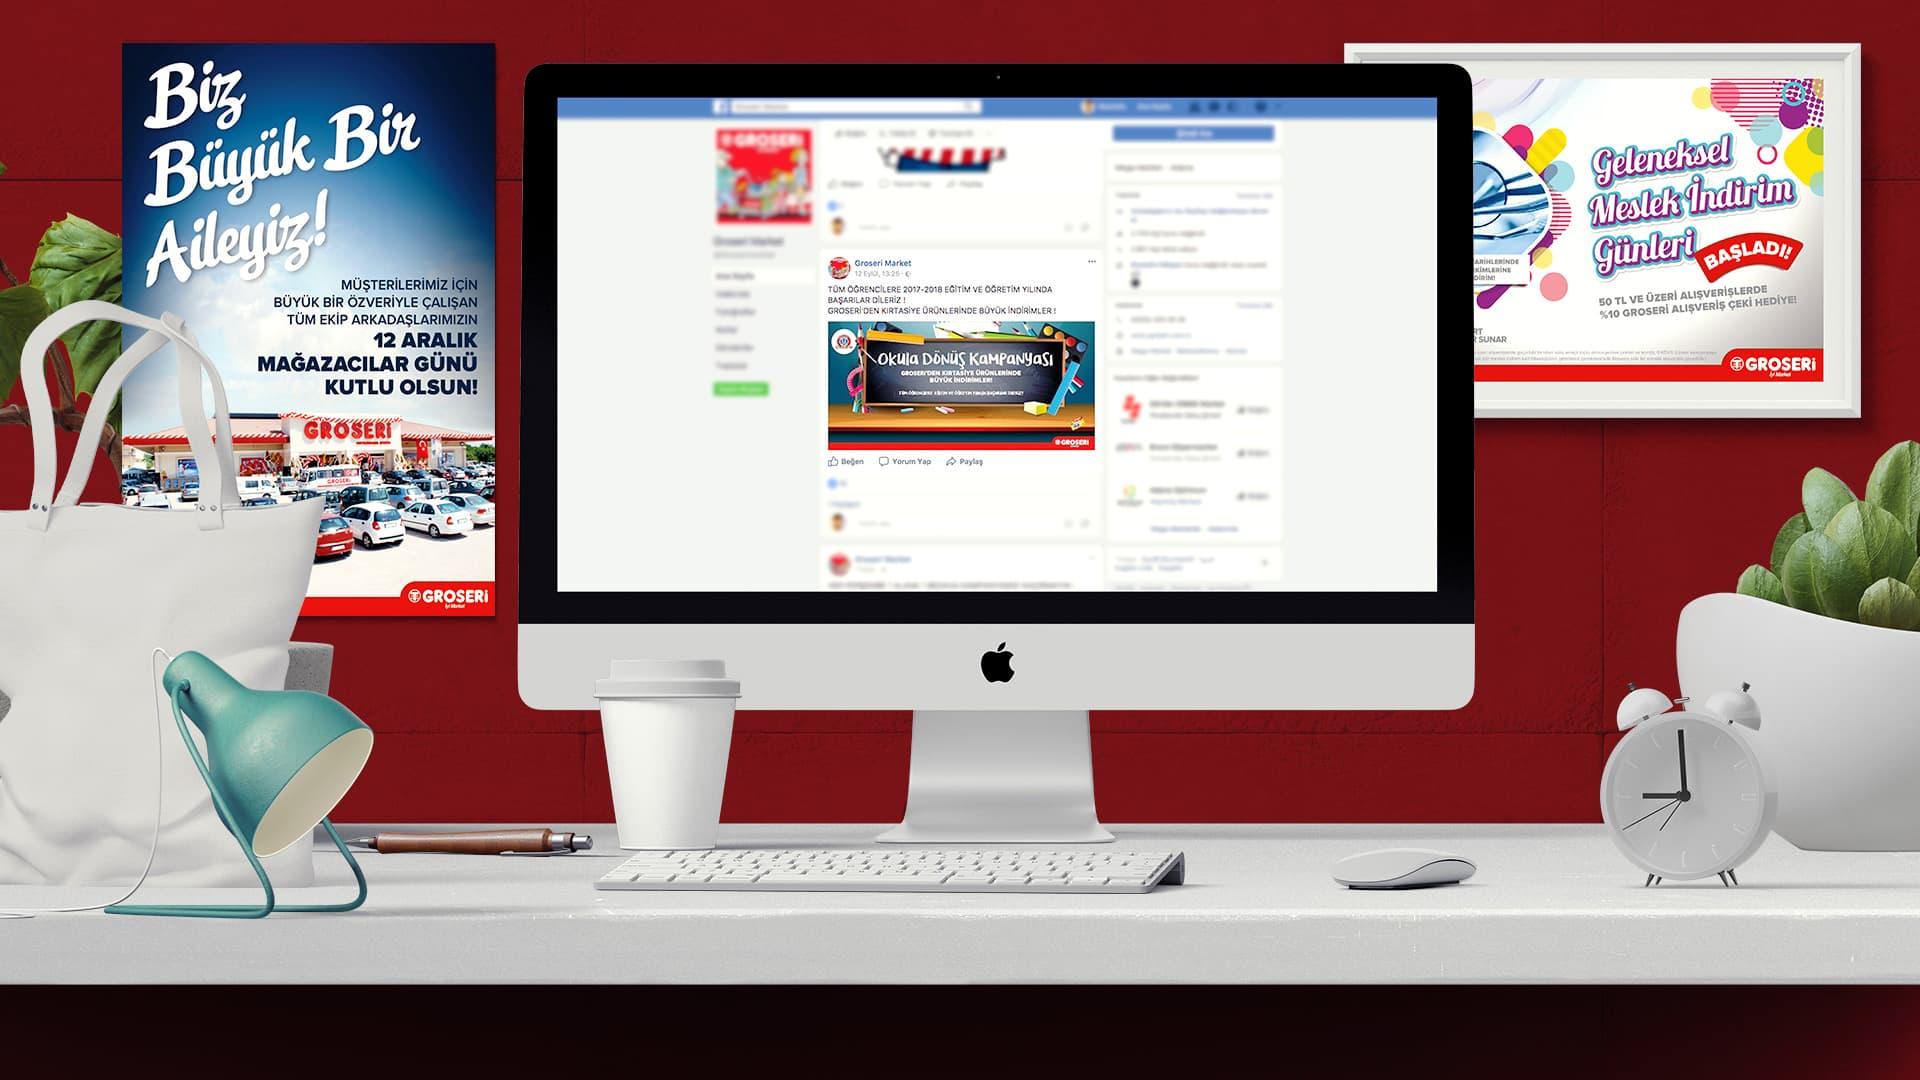 Groseri Marketleri - Sosyal Medya Tasarımı